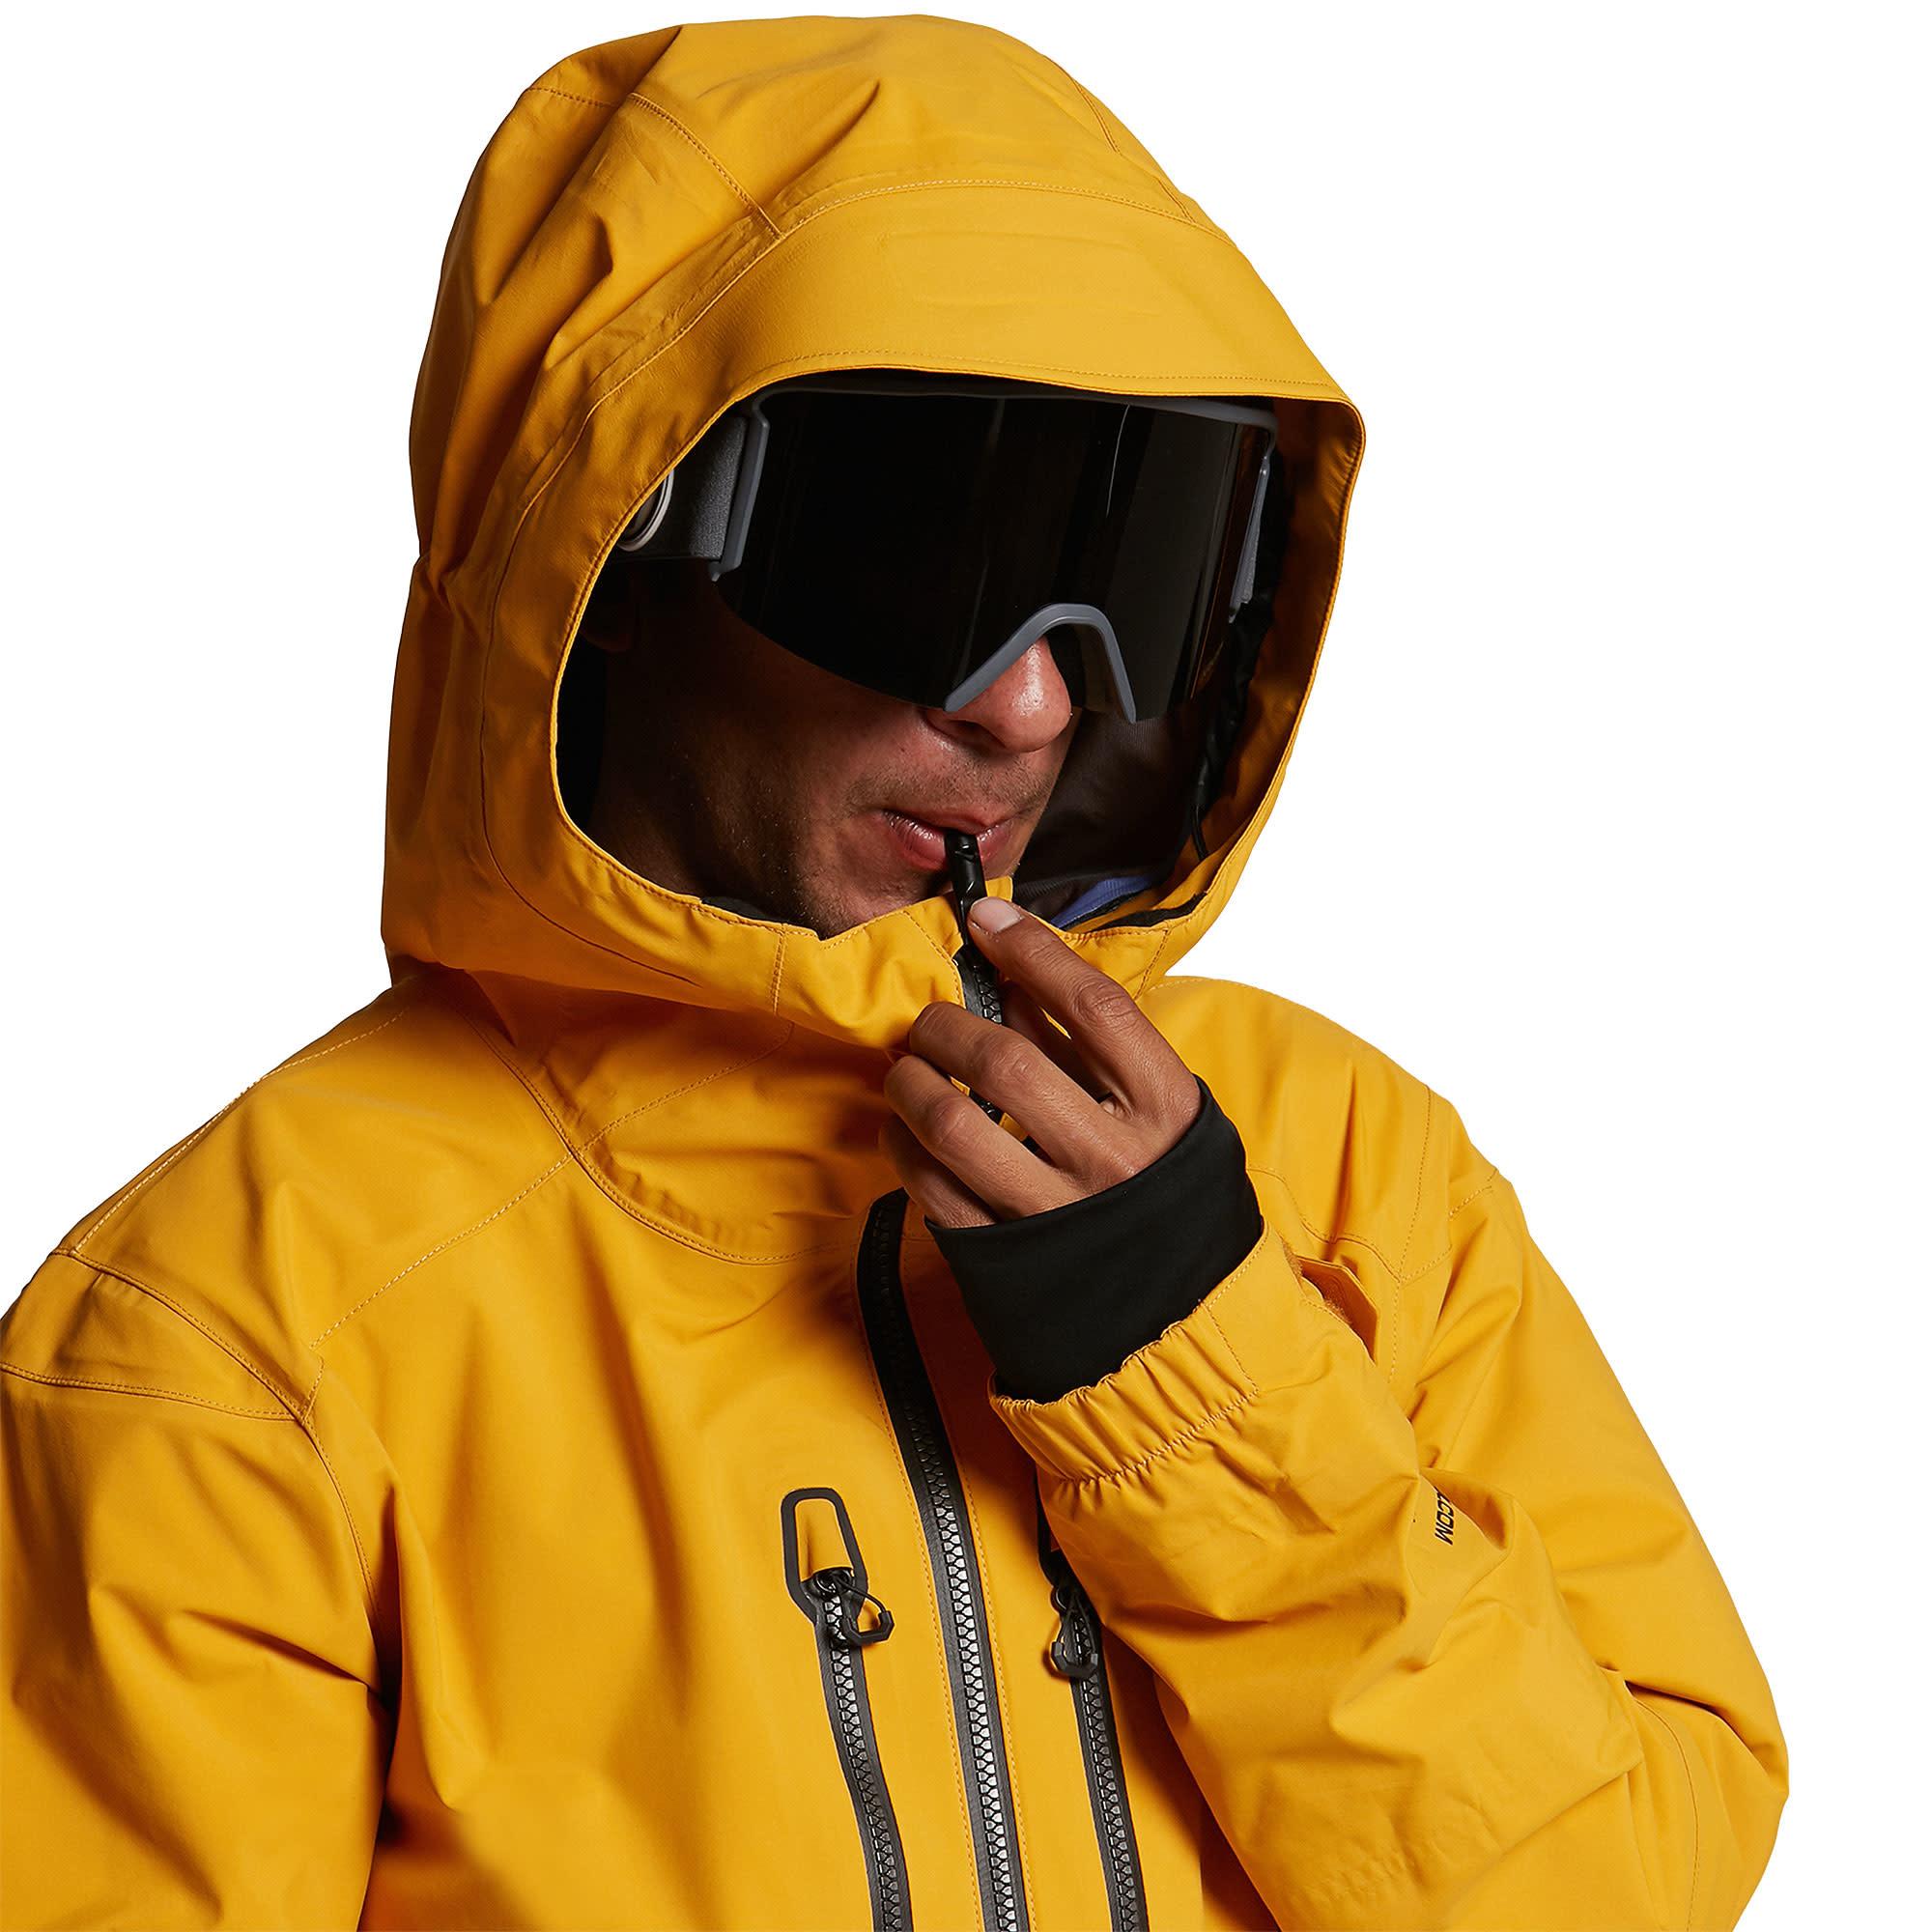 VOLCOM Volcom Men's Guide Gore-Tex Jacket